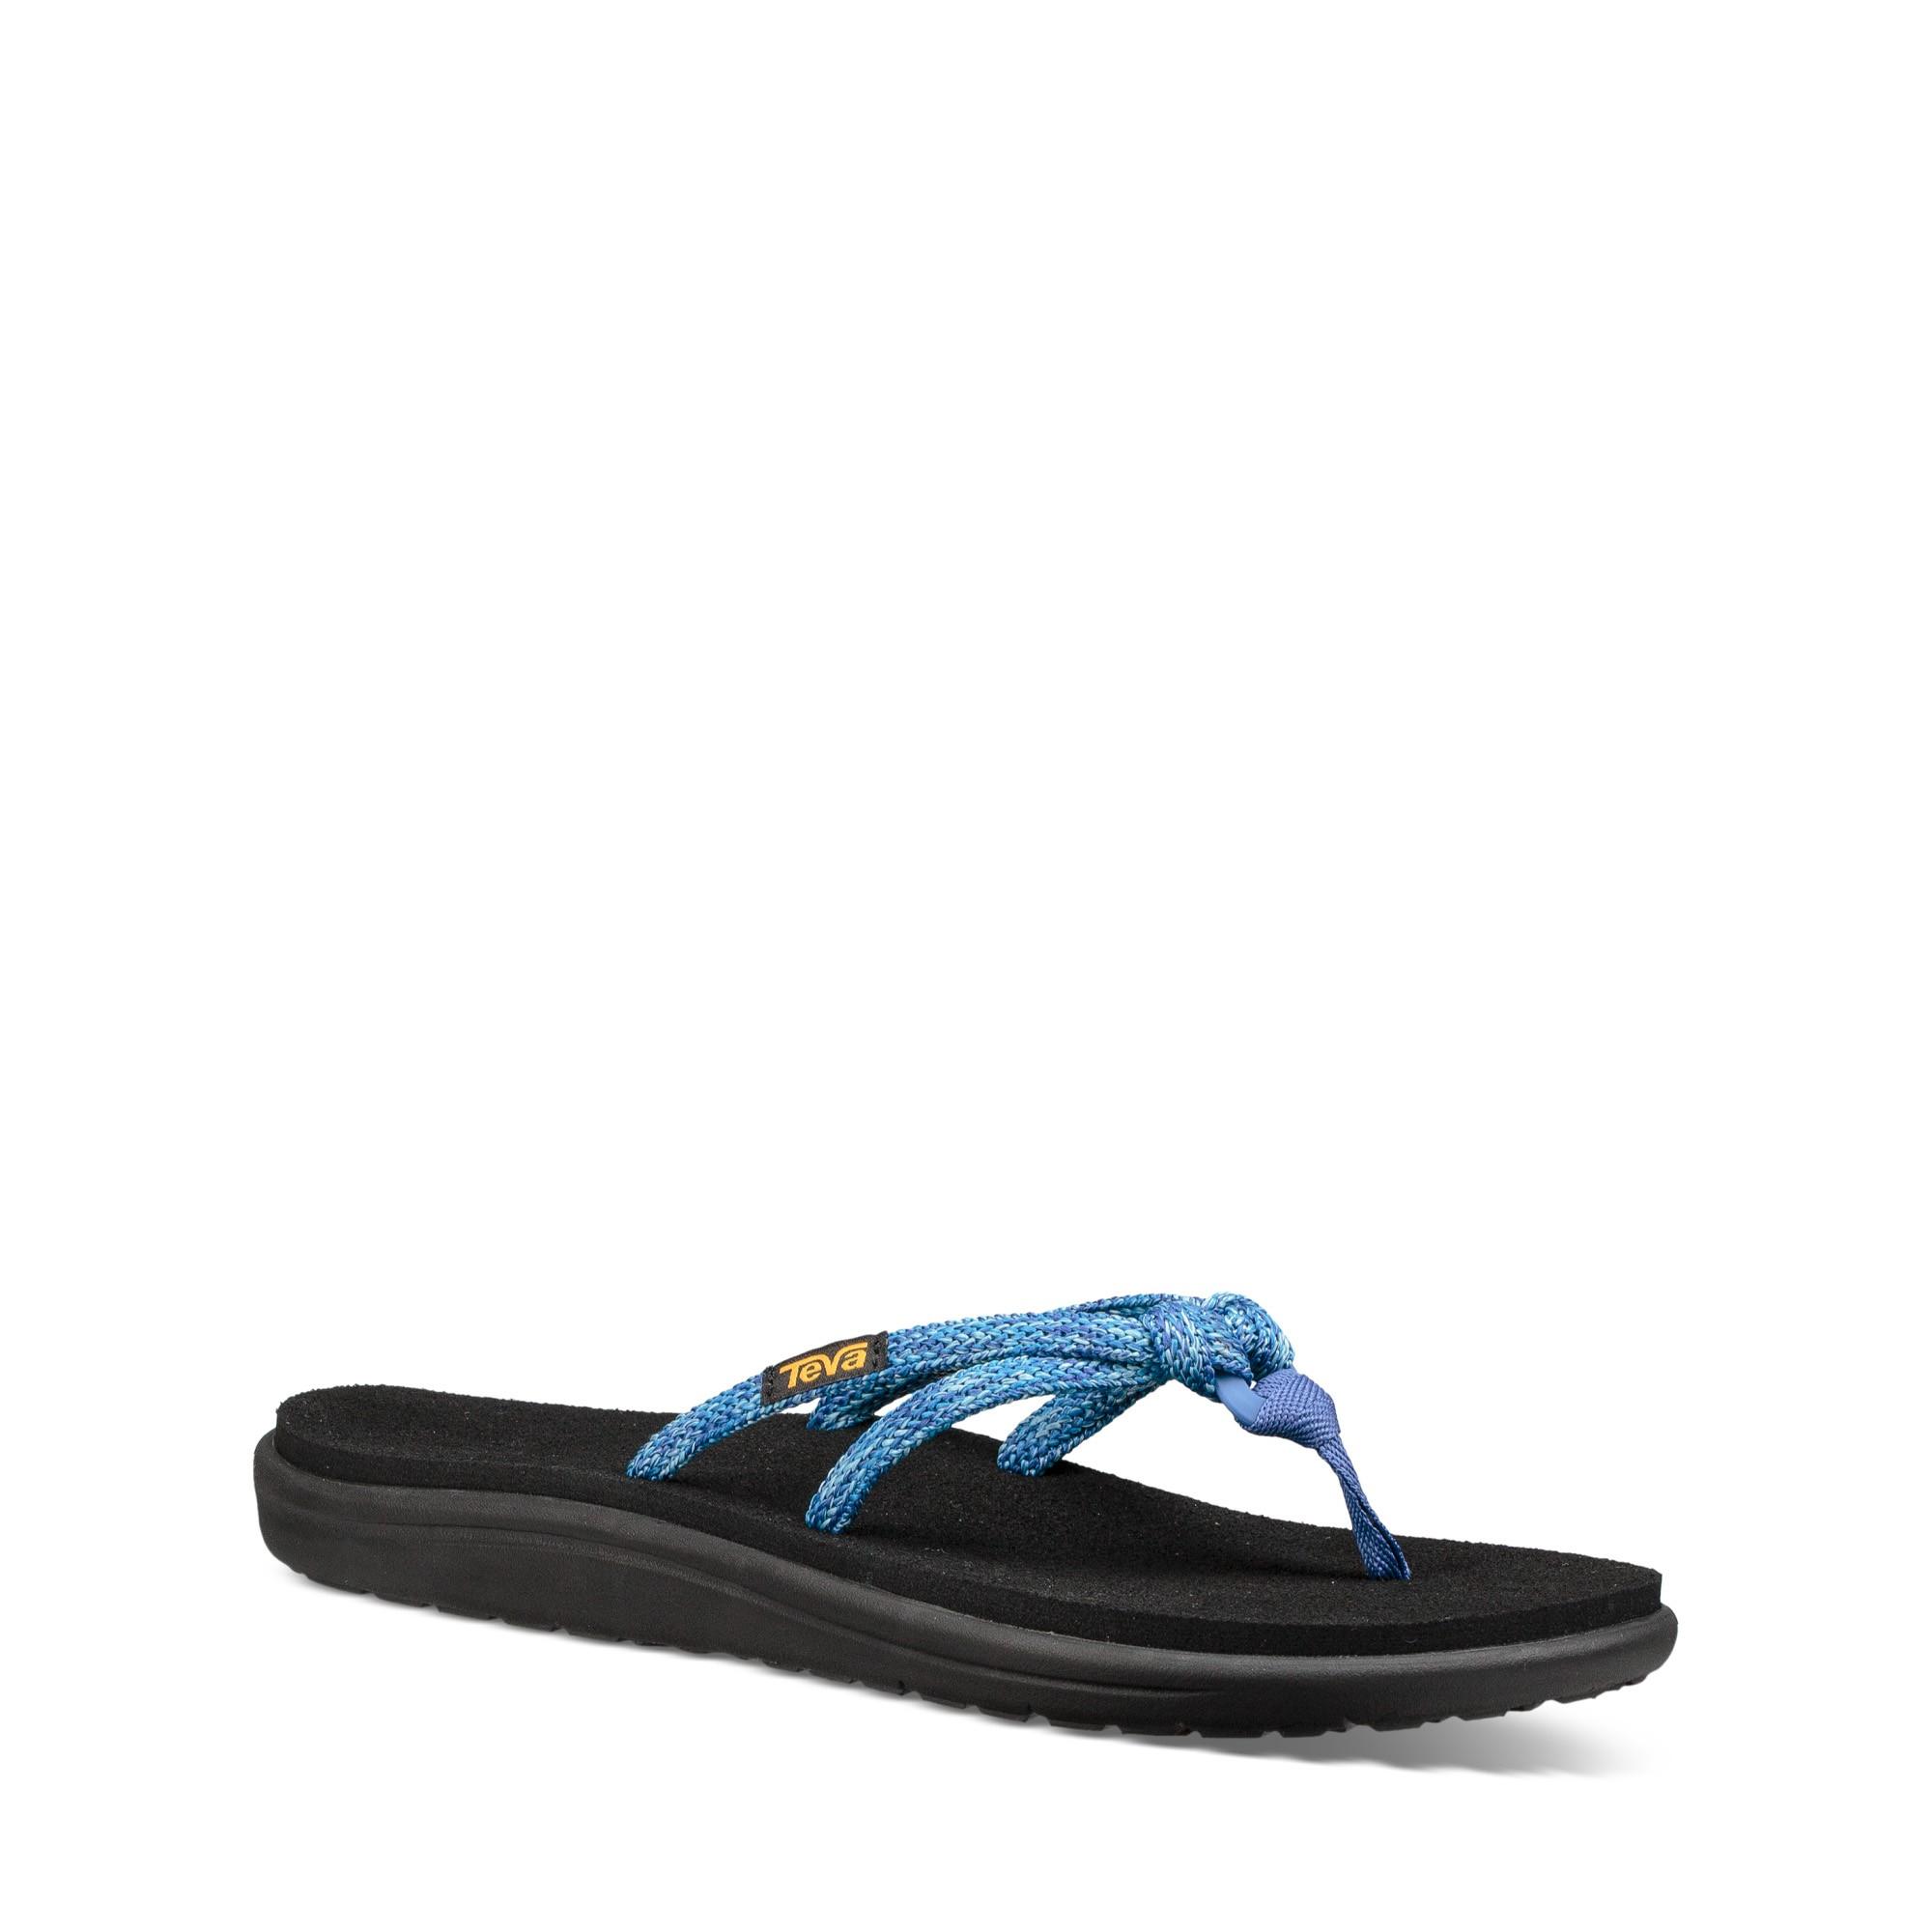 Moya W Flip Deportes Tri Teva Sandalias Voya Dedo Mujer Azul 7gYb6fvy